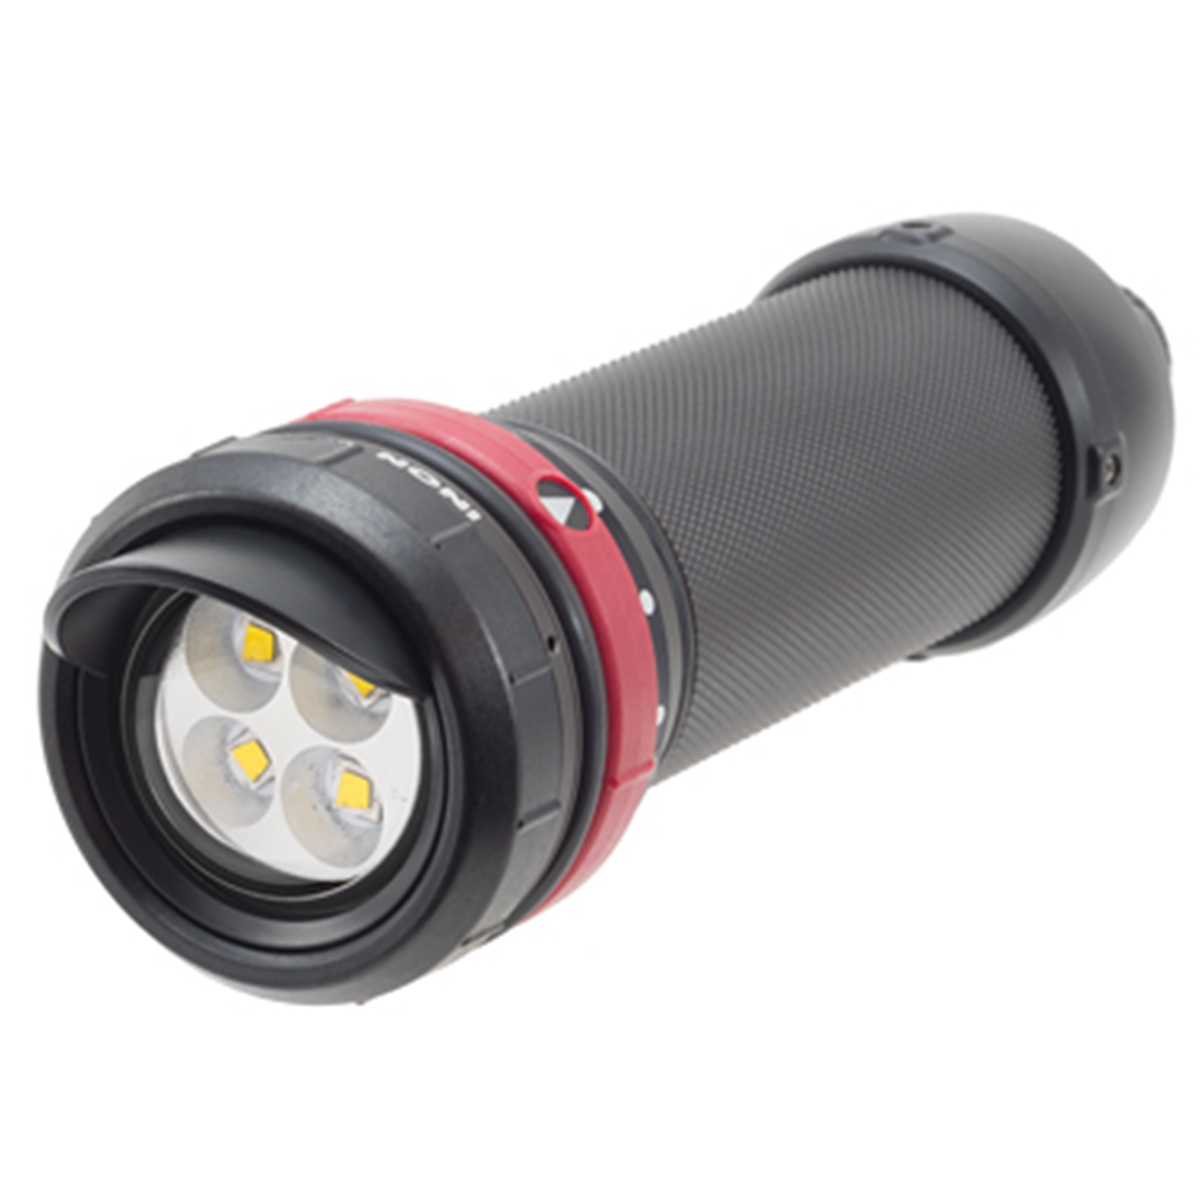 【日本全国送料無料!】INON(イノン) LEDライト LF3100-EW ダイビング